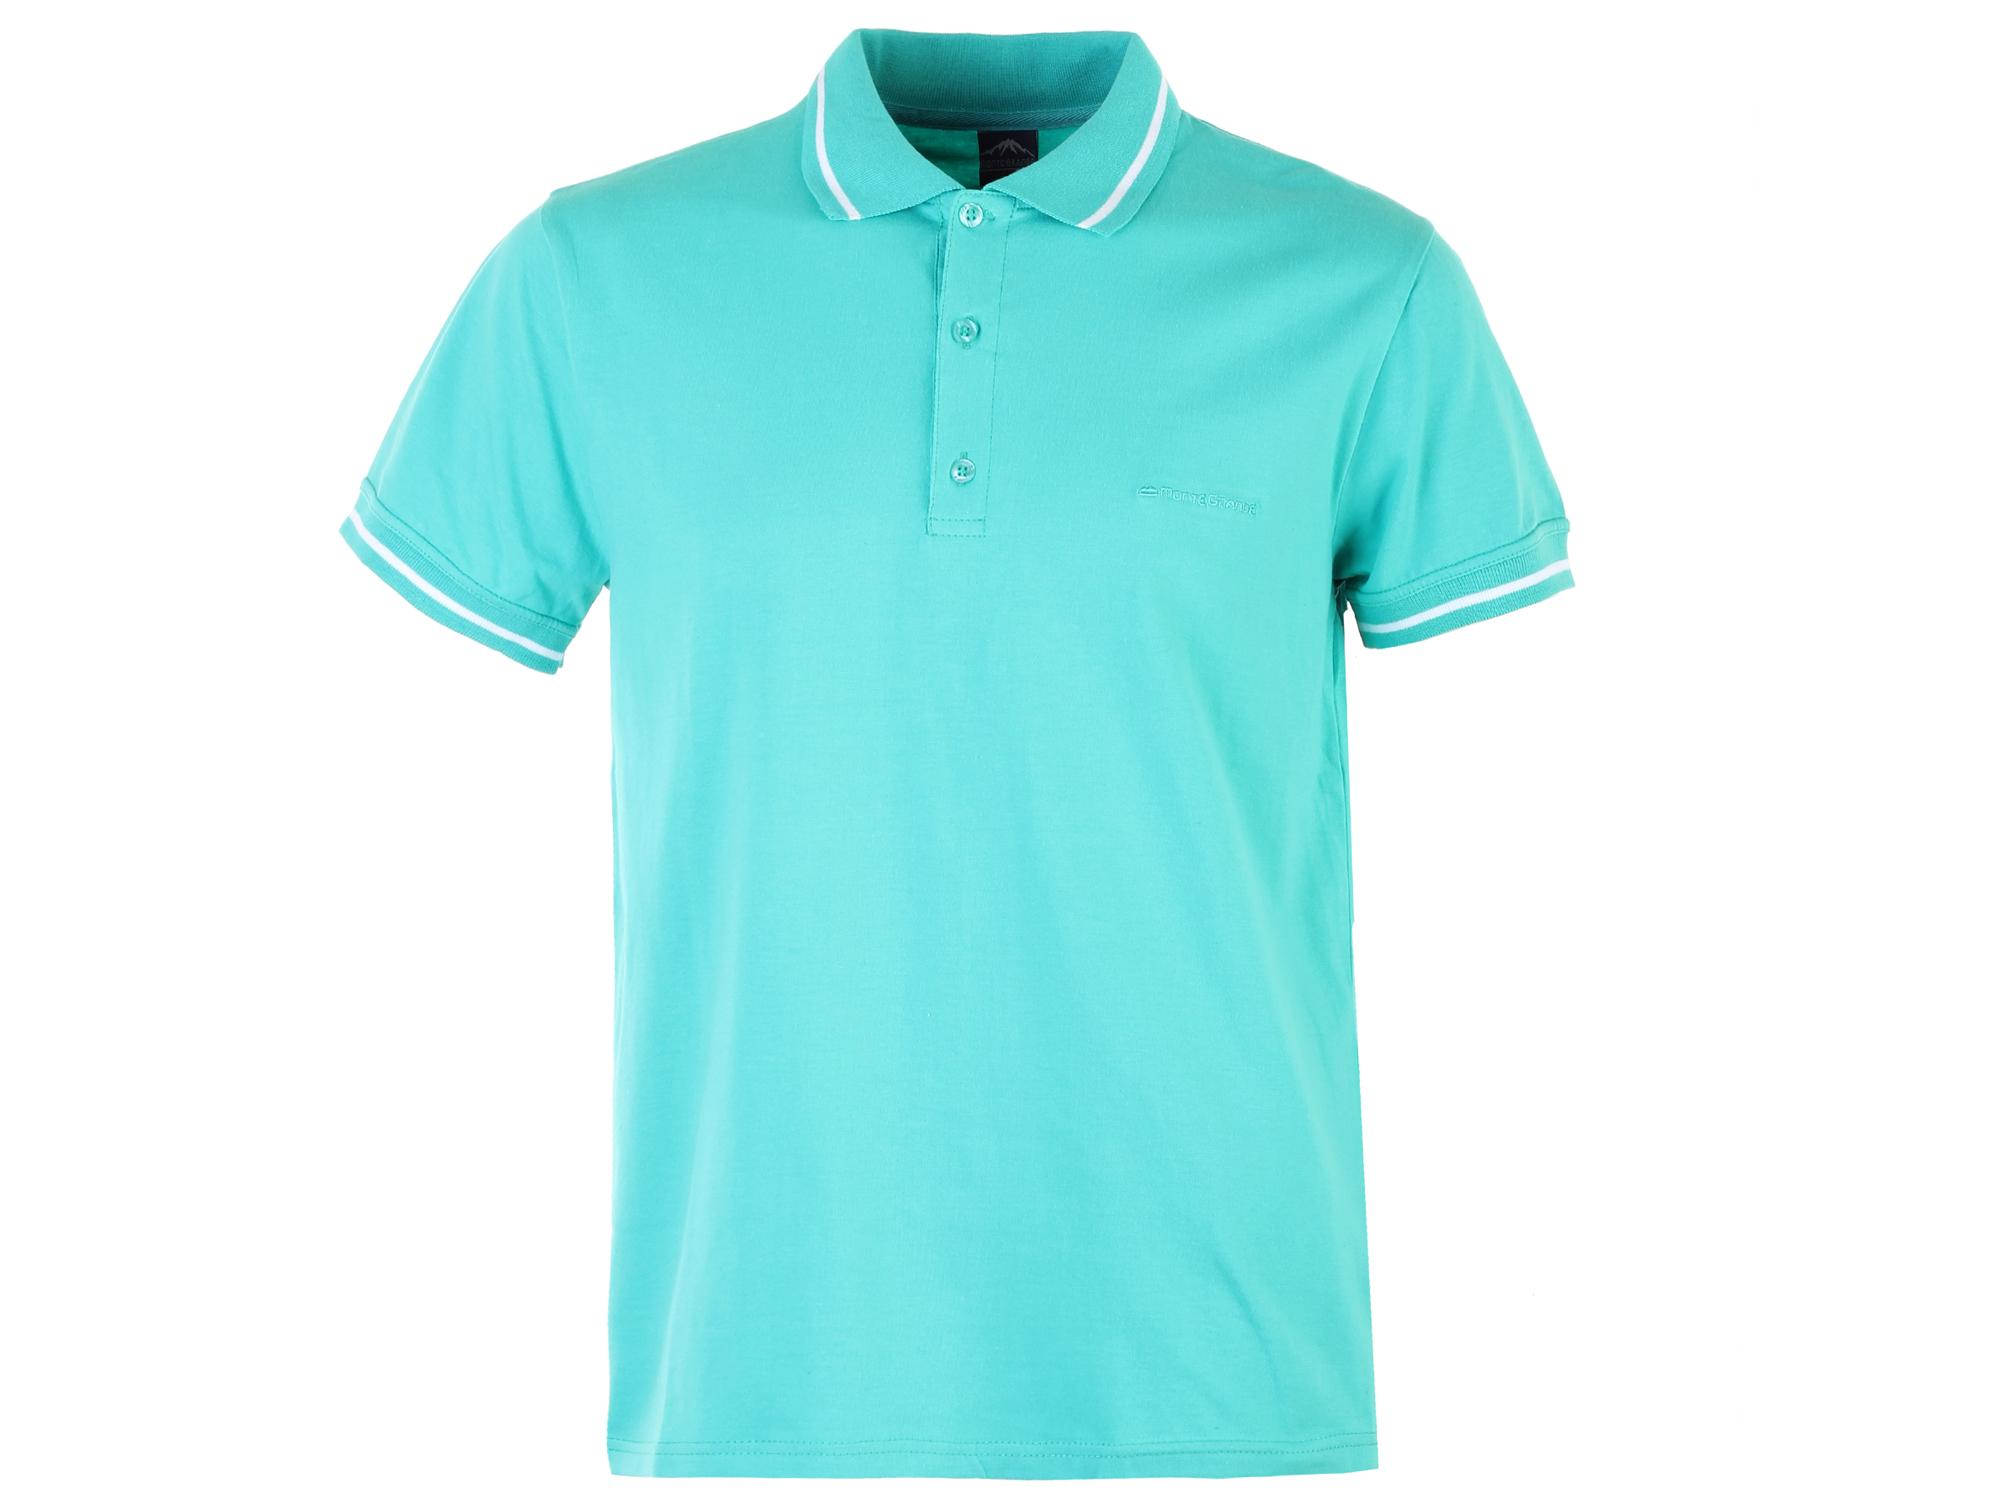 Мужские и женские футболки до 70 размера за 180 руб, поло за 300 руб, толстовки от производителя из натурального хлопка Узбекистана-UzCotton. Сбор 4